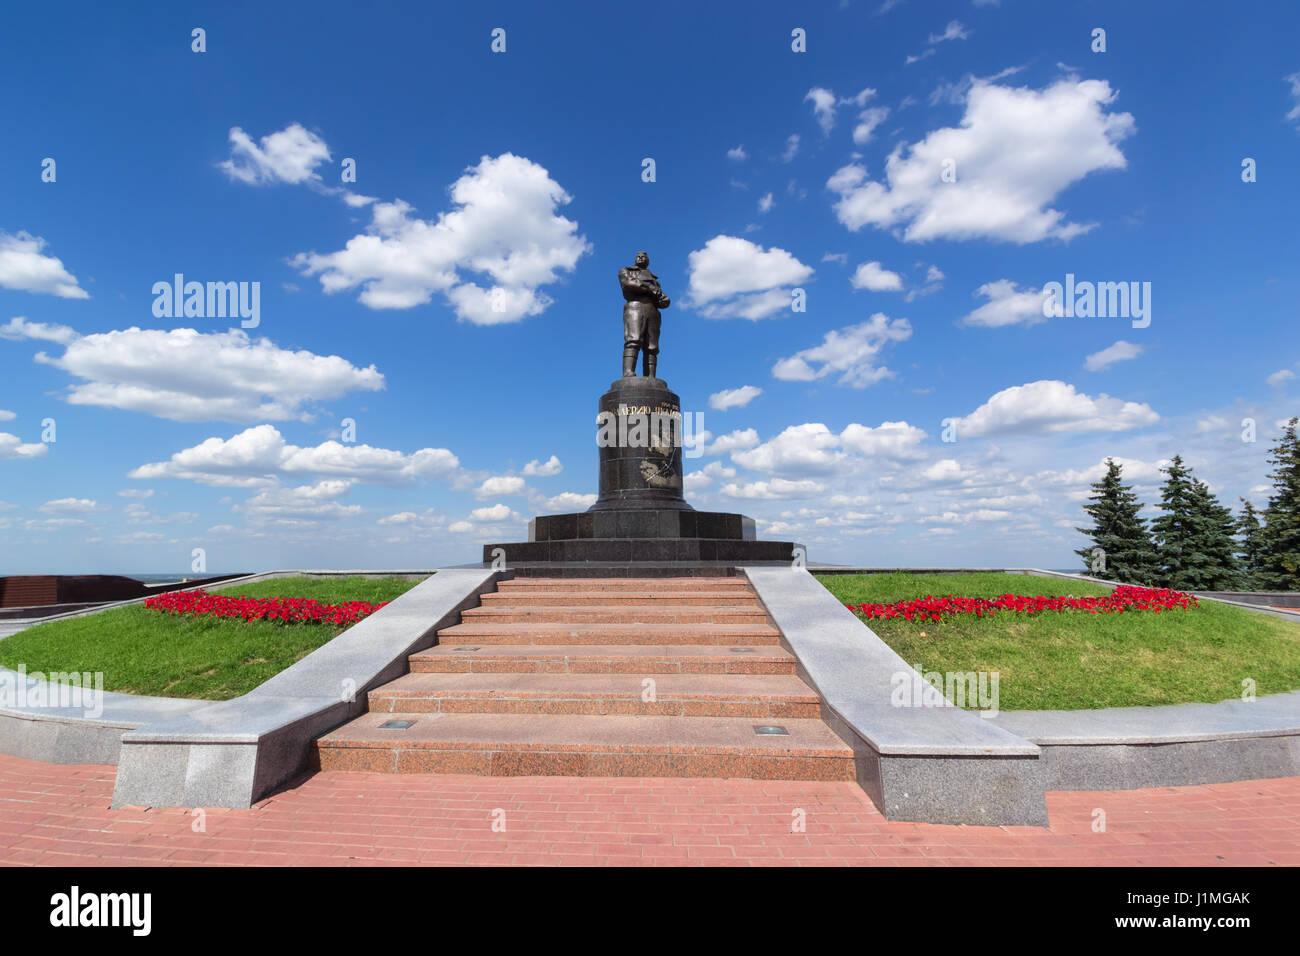 Nizhny Novgorod, Russia, July 20, 2013, Valery Chkalov monument - Stock Image